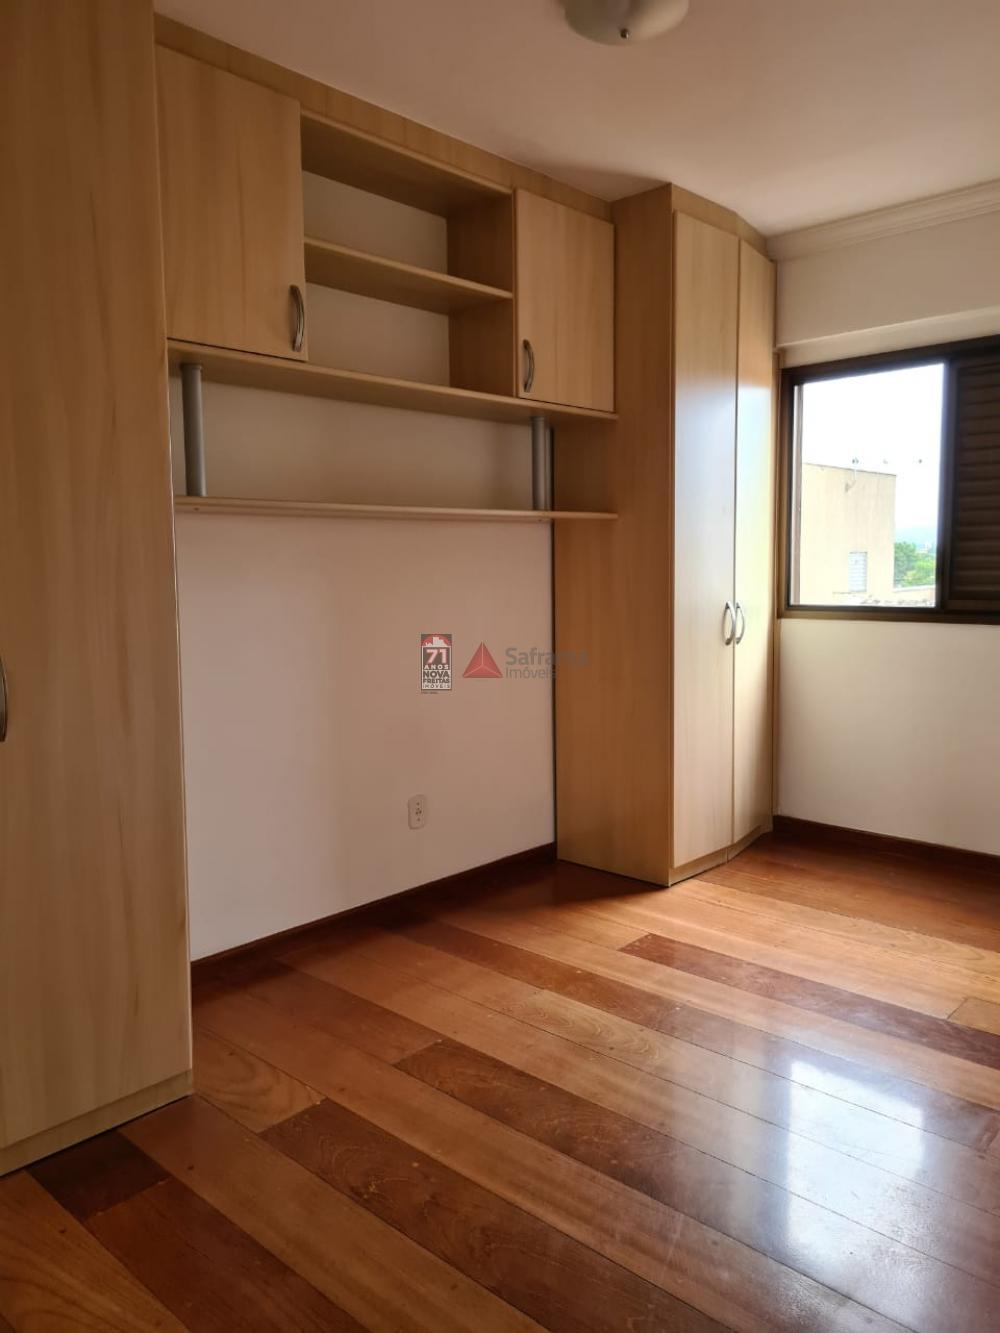 Comprar Apartamento / Padrão em Pindamonhangaba apenas R$ 430.000,00 - Foto 26